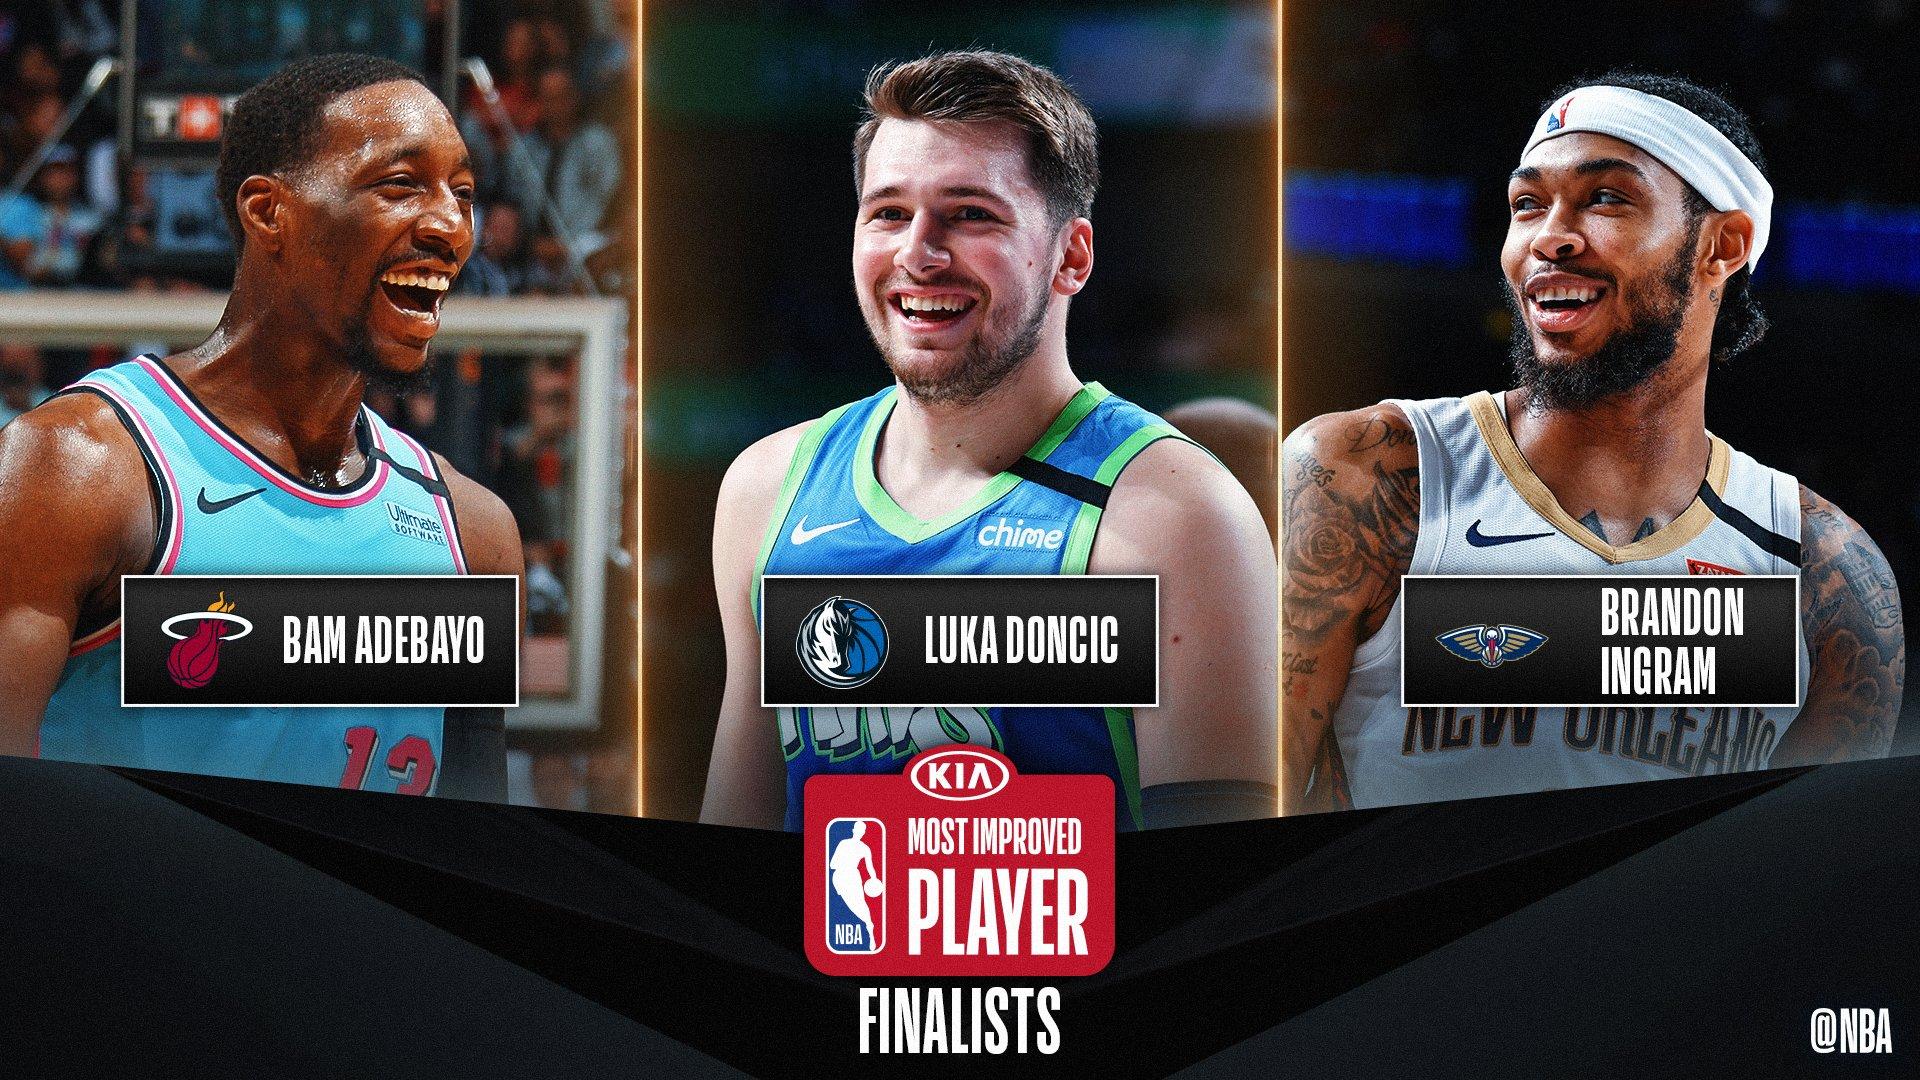 NBA. Scelti i tre finalisti per il premio di più migliorato dell'anno: Adebayo, Doncic e Ingram